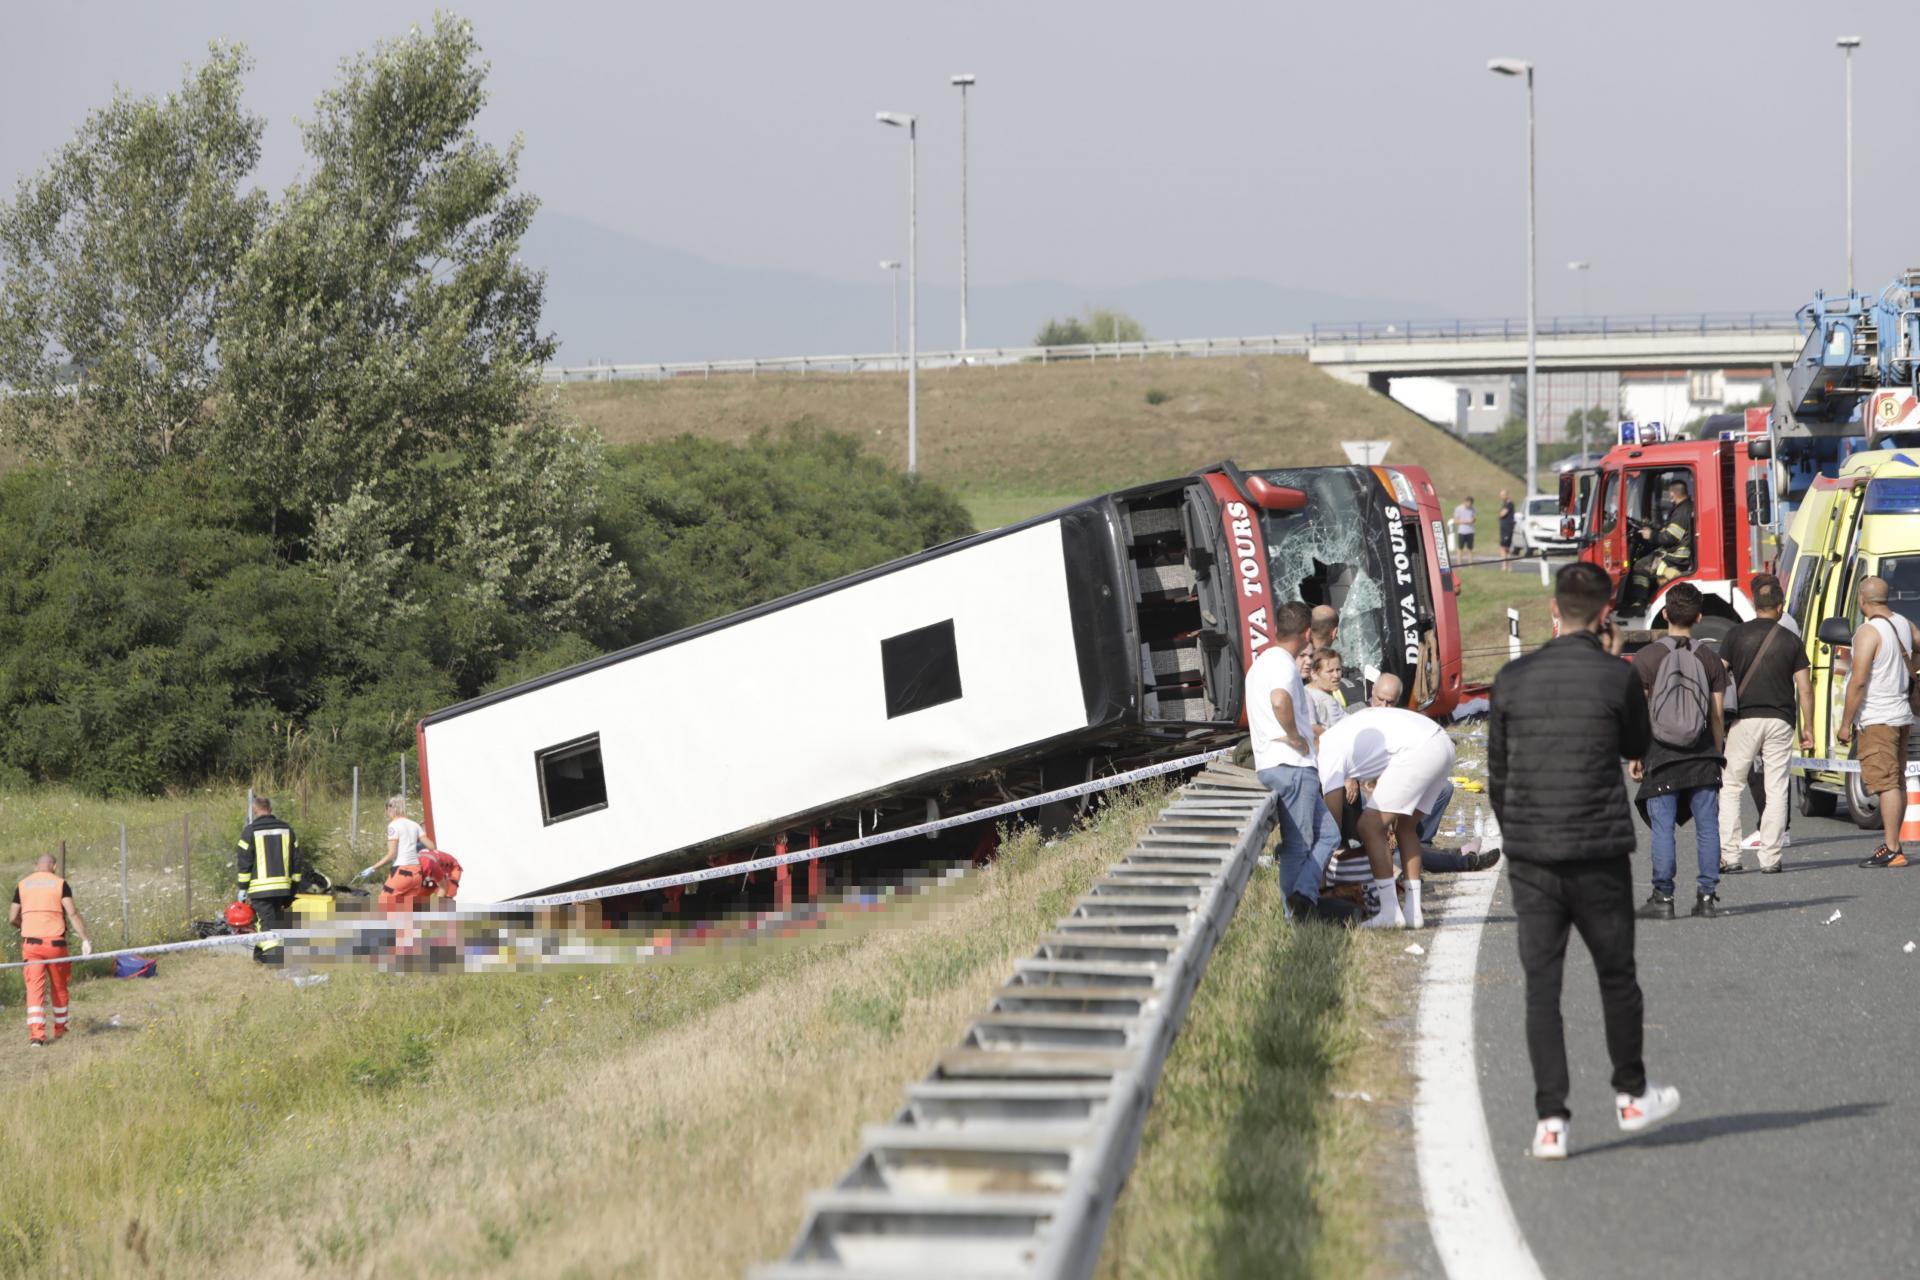 Tragjedi në Kroaci, aksidentohet autobusi me pasagjerë nga Kosova, 10 të vdekur dhe 45 të plagosur